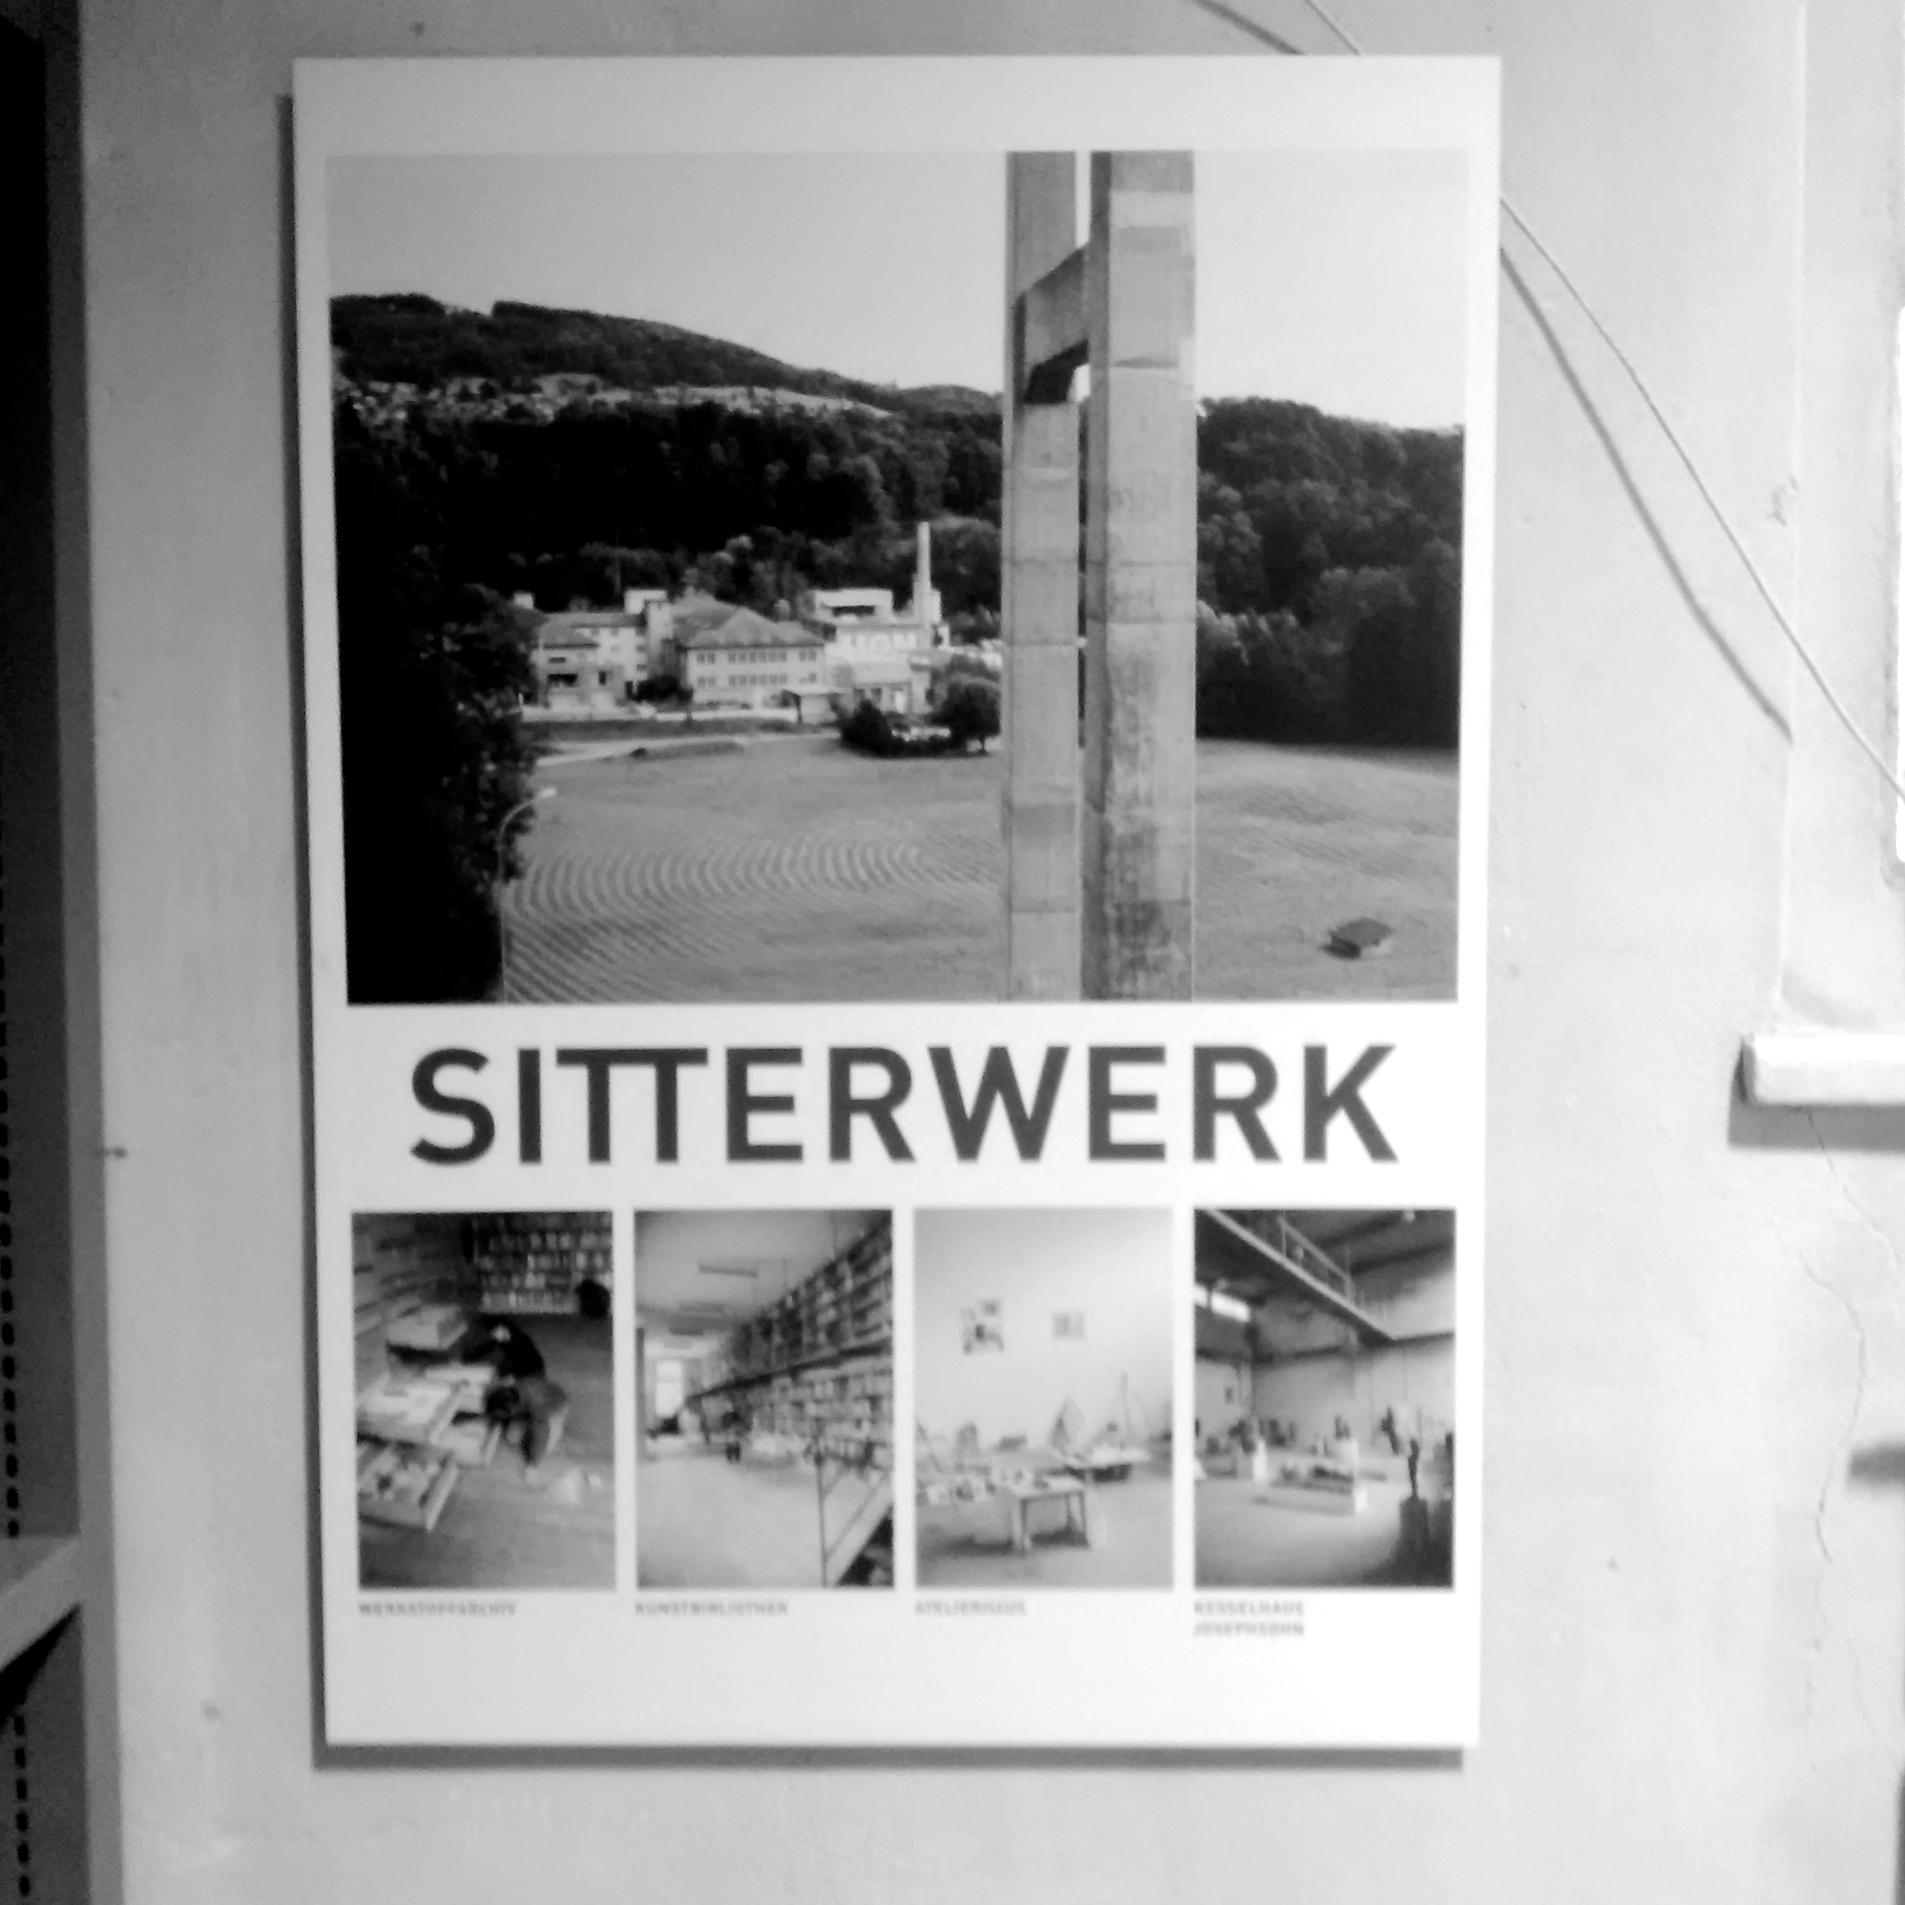 Sitterwerk St Gallen